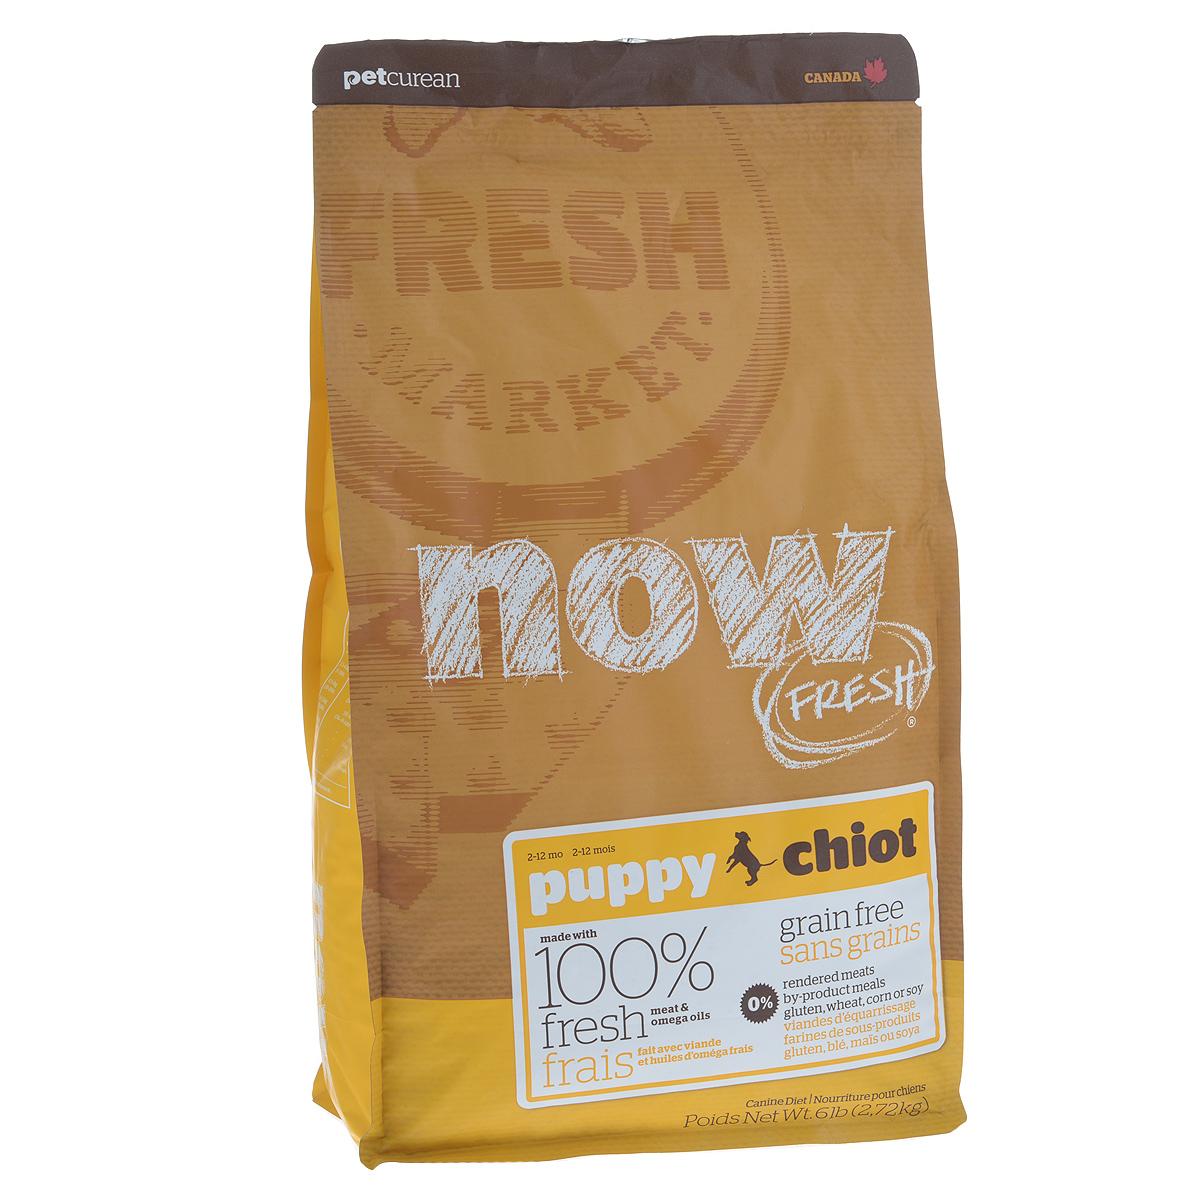 Корм сухой Now Fresh для щенков, беззерновой, с индейкой, уткой и овощами, 2,72 кг10109Now Fresh - полностью сбалансированный холистик корм для щенков всех пород из филе индейки, утки и лосося. Это первый беззерновой корм со сбалансированным содержание белков и жиров. Ключевые преимущества: - не содержит субпродуктов, красителей, говядины, мясных ингредиентов, выращенных на гормонах, - омега-масла в составе необходимы для здоровой кожи и шерсти, - пробиотики и пребиотики обеспечивают здоровое пищеварение, - антиоксиданты укрепляют иммунную систему. Состав: филе индейки, картофель, горох, свежие цельные яйца, томаты, масло канолы (источник витамина Е), семена льна, натуральный ароматизатор, филе лосося, утиное филе, кокосовое масло (источник витамина Е), яблоки, морковь, тыква, бананы, черника, клюква, малина, ежевика, папайя, ананас, грейпфрут, чечевица, брокколи, шпинат, творог, ростки люцерны, дикальций фосфат, люцерна, карбонат кальция, фосфорная кислота, натрия хлорид, лецитин, хлорид калия, DL-метионин,...